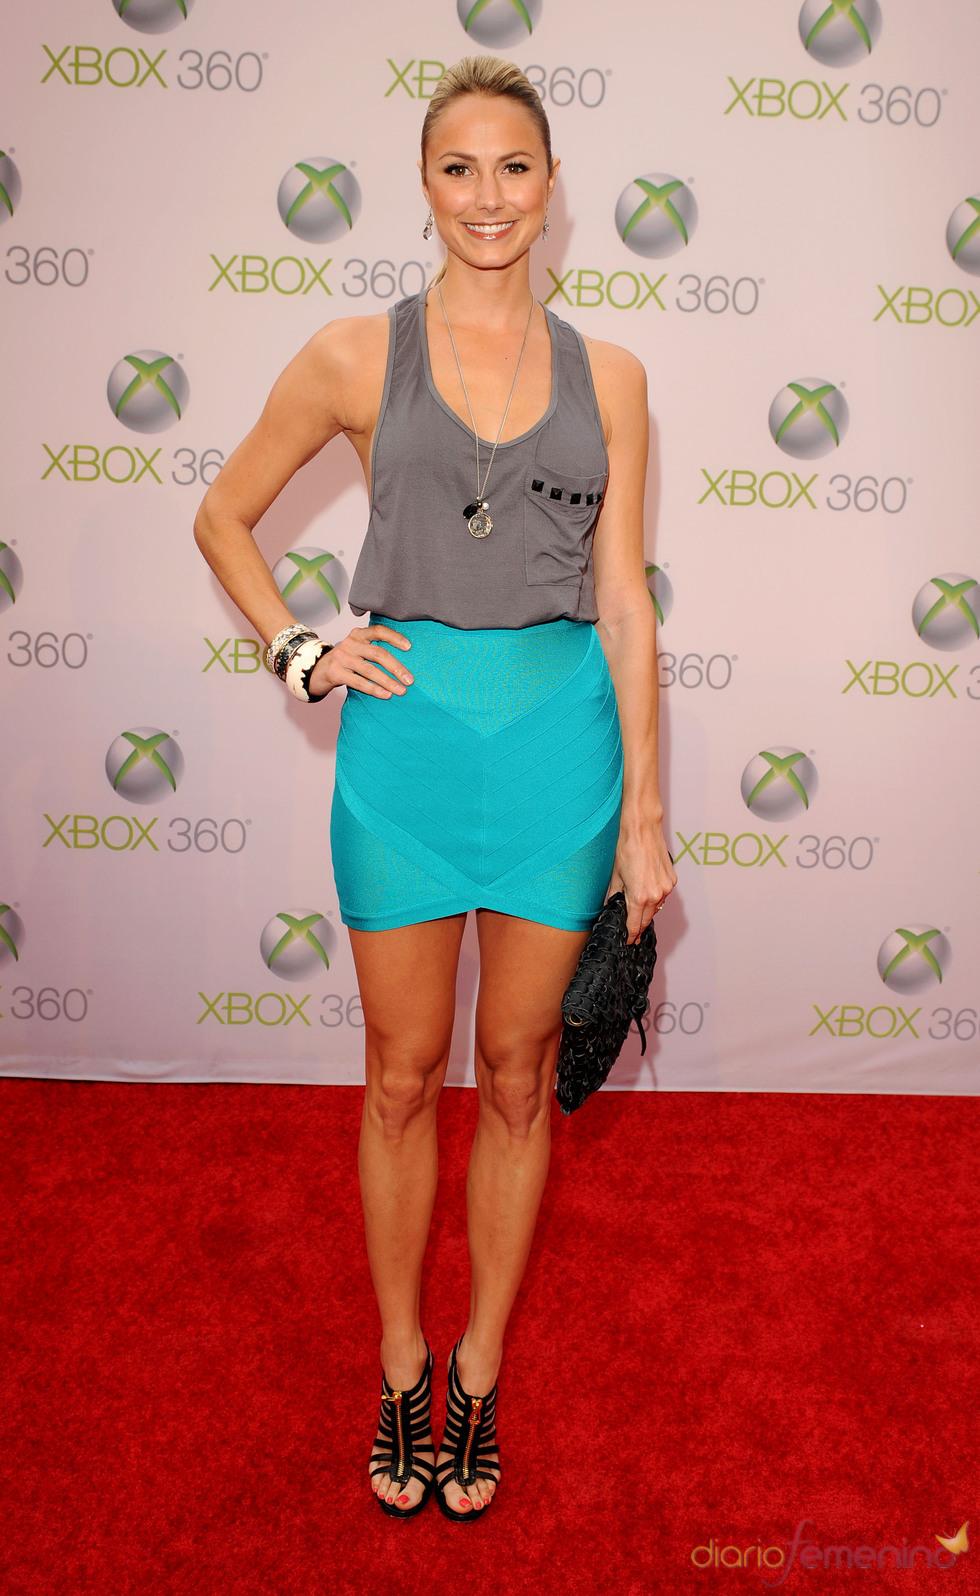 Stacy Keibler en en lanzamiento de 'Project Natal' para Xbox